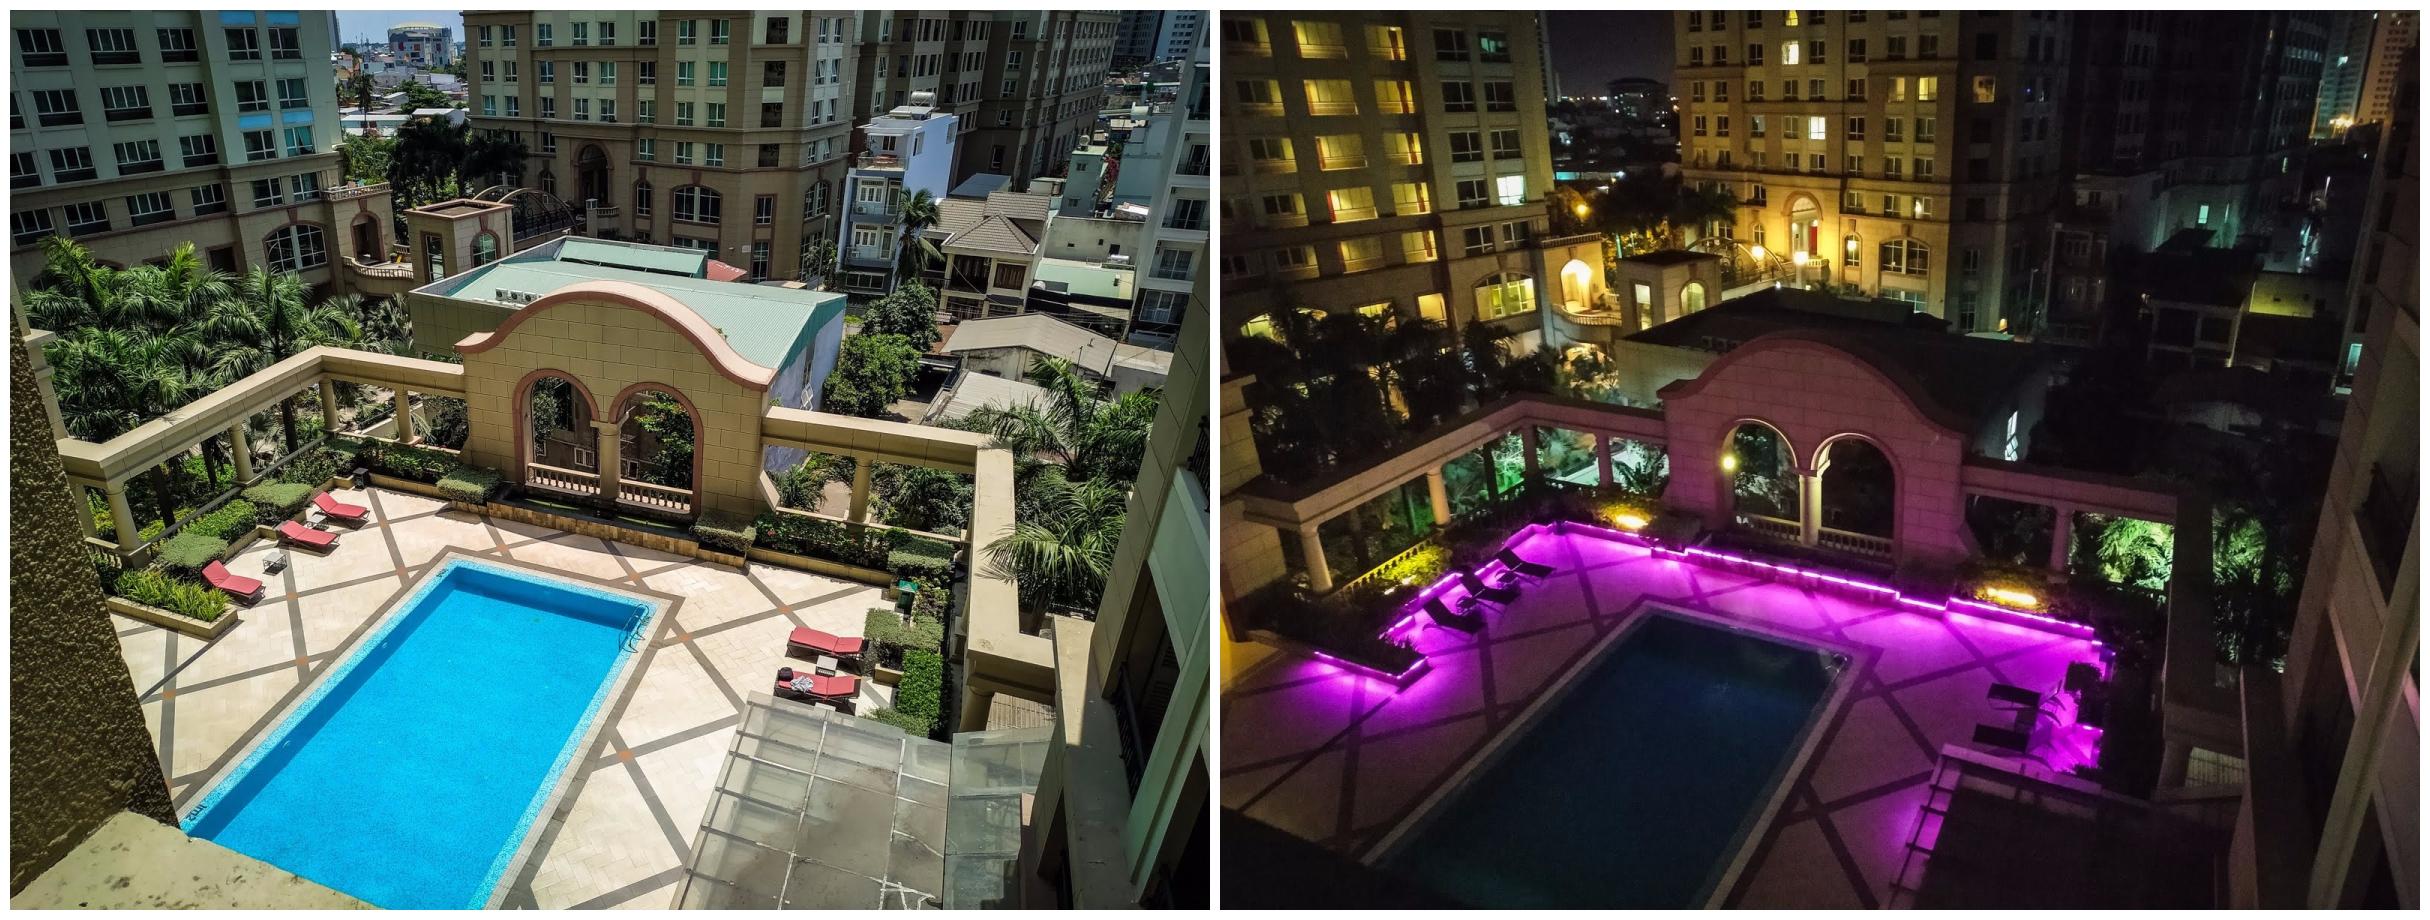 bazén v hotelu v Ho Či Minově městě ve dne a v noci